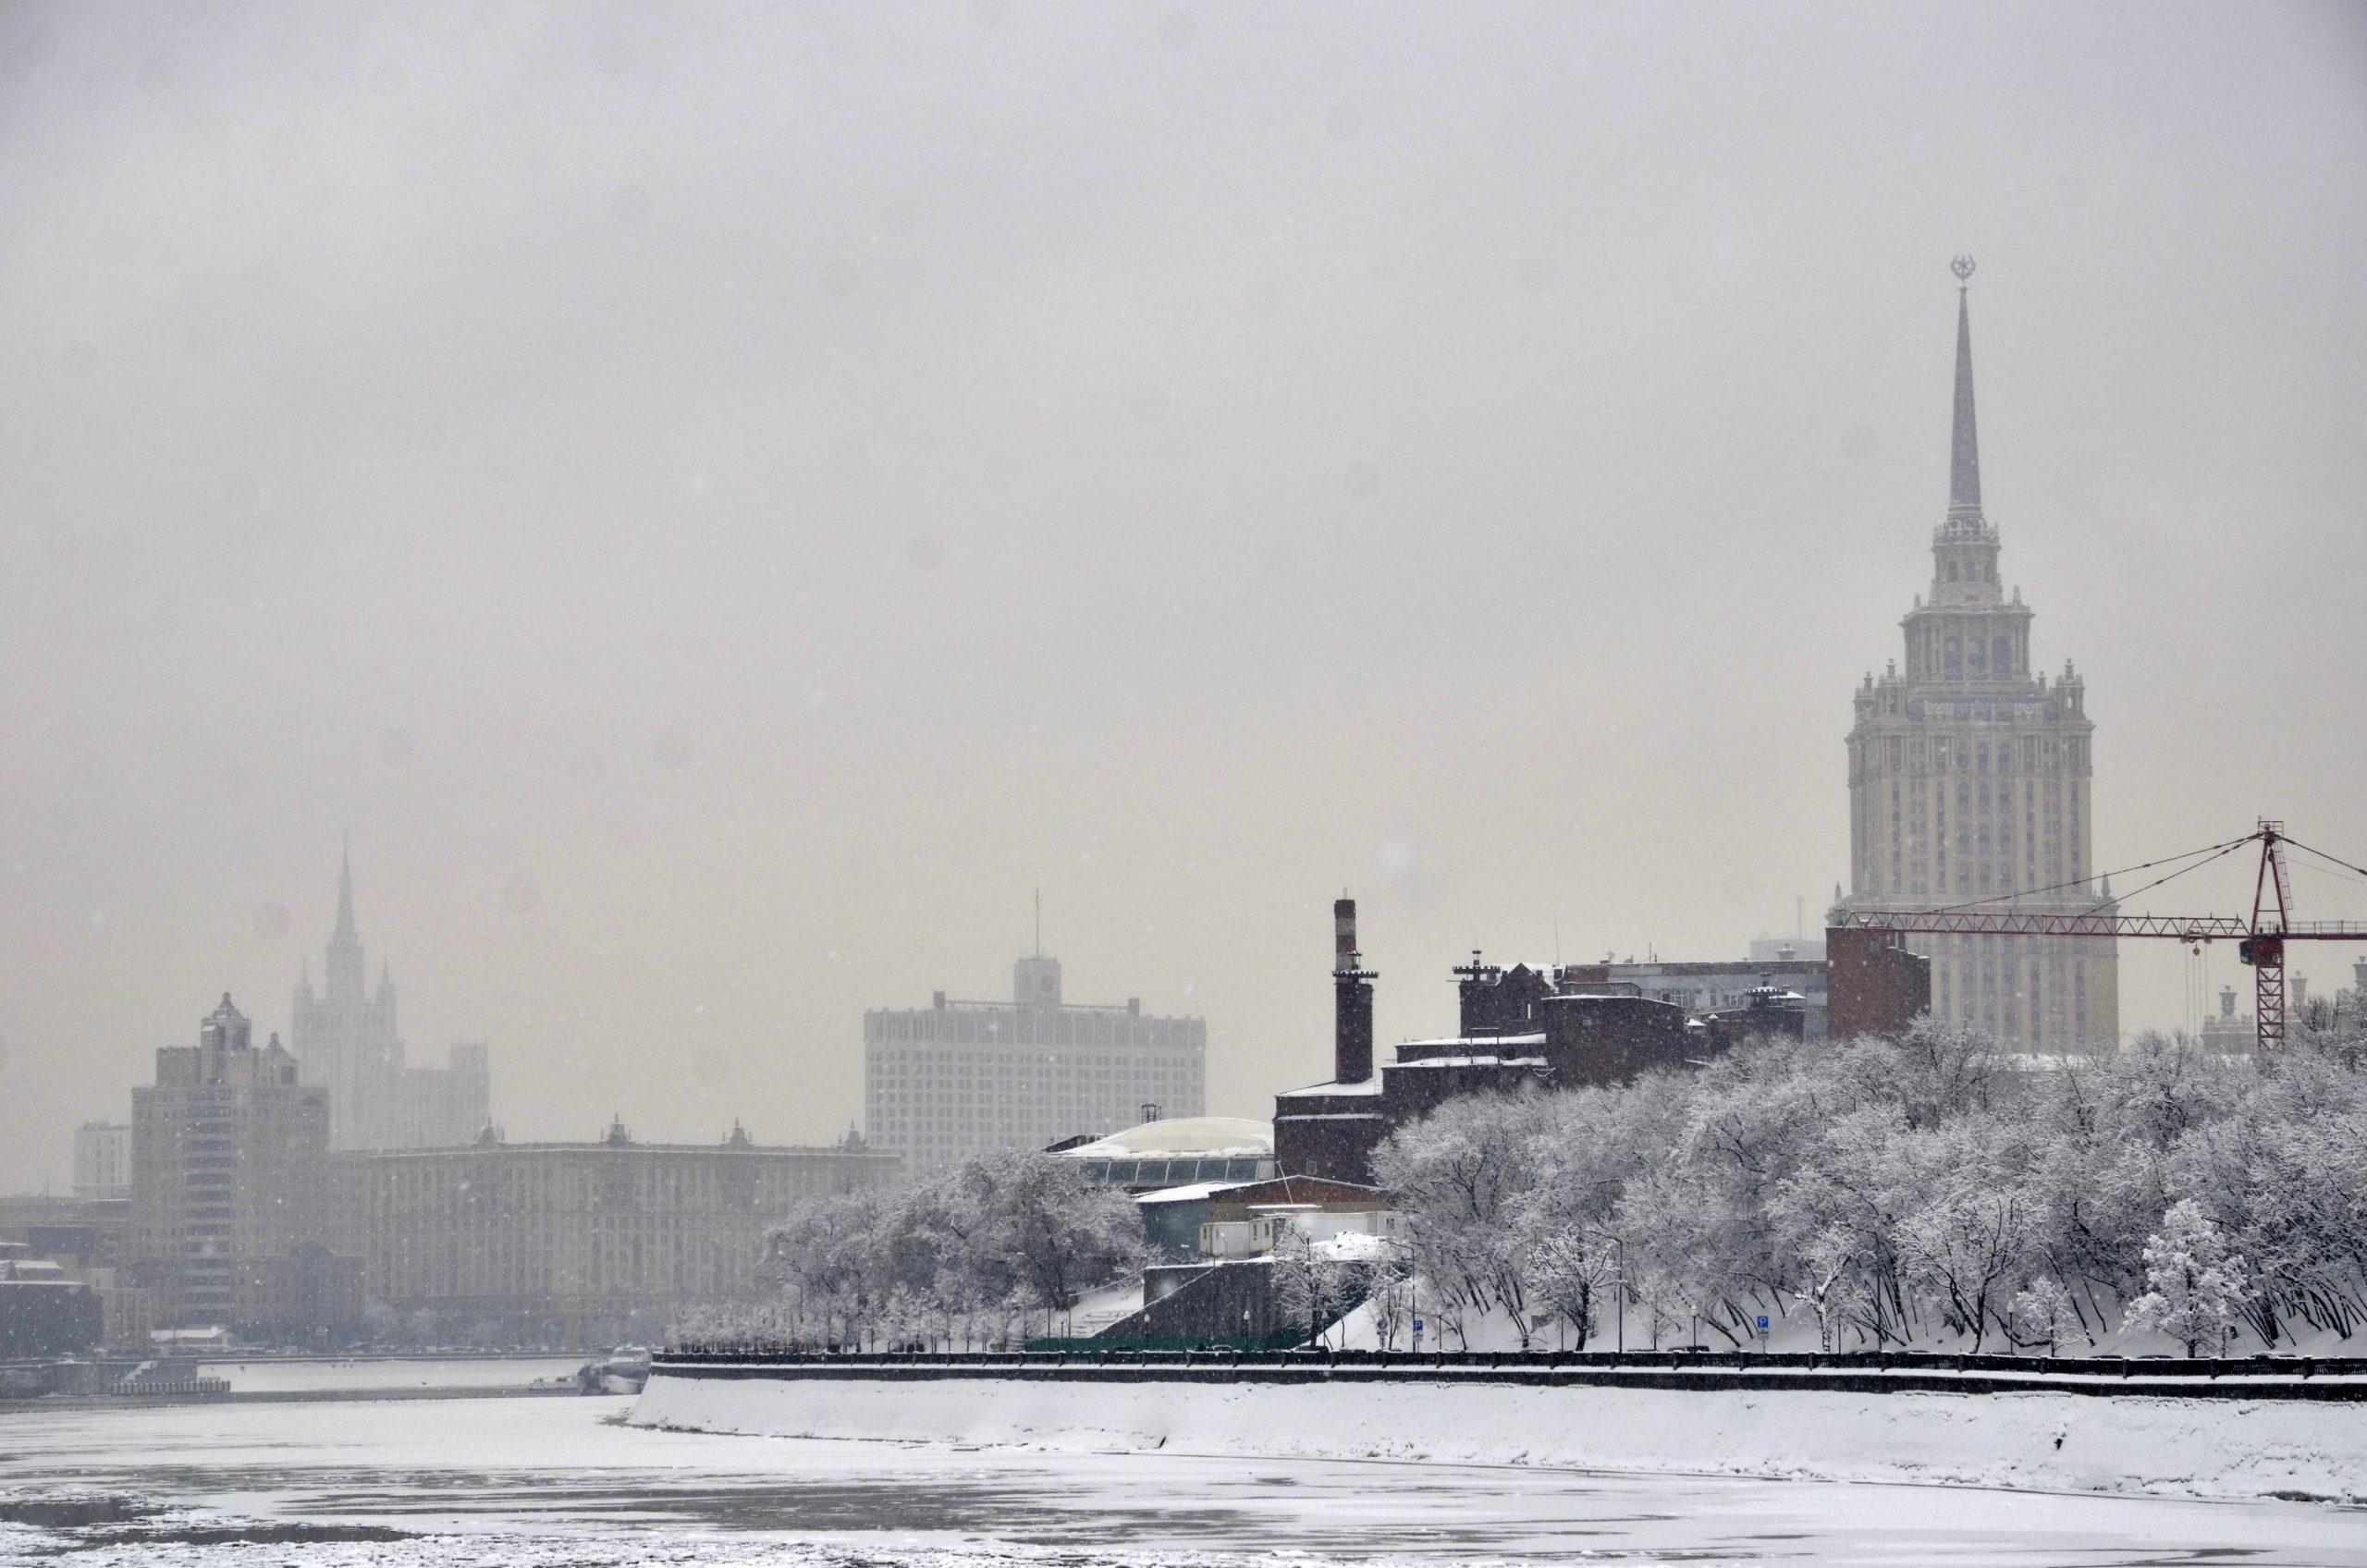 Заслуженный деятель искусств РФ Андрей Баталов выступил за установку памятника Невскому на Лубянке